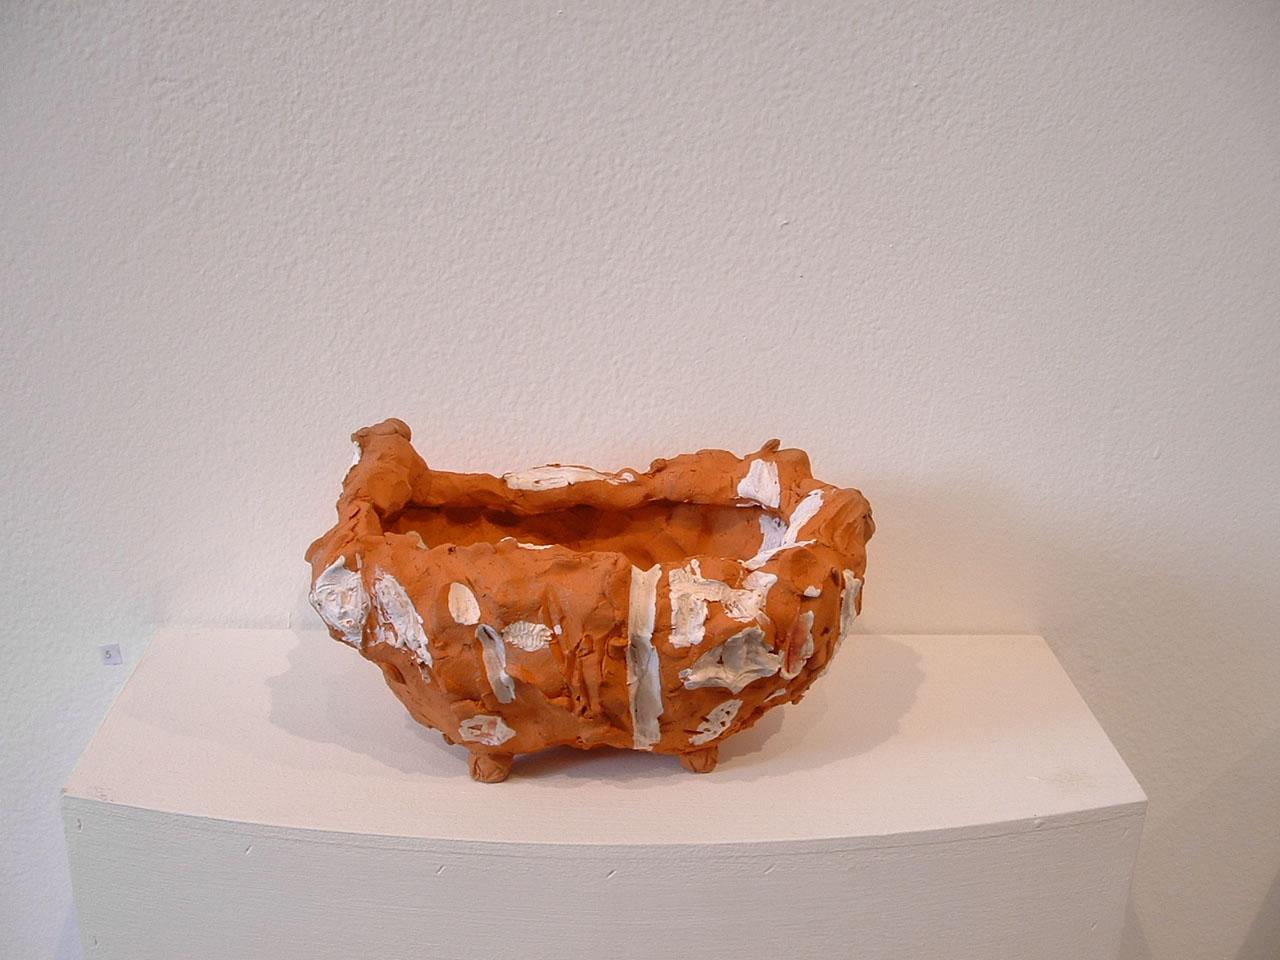 Toni Warburton Artist. Art Exhibition, Kiosk